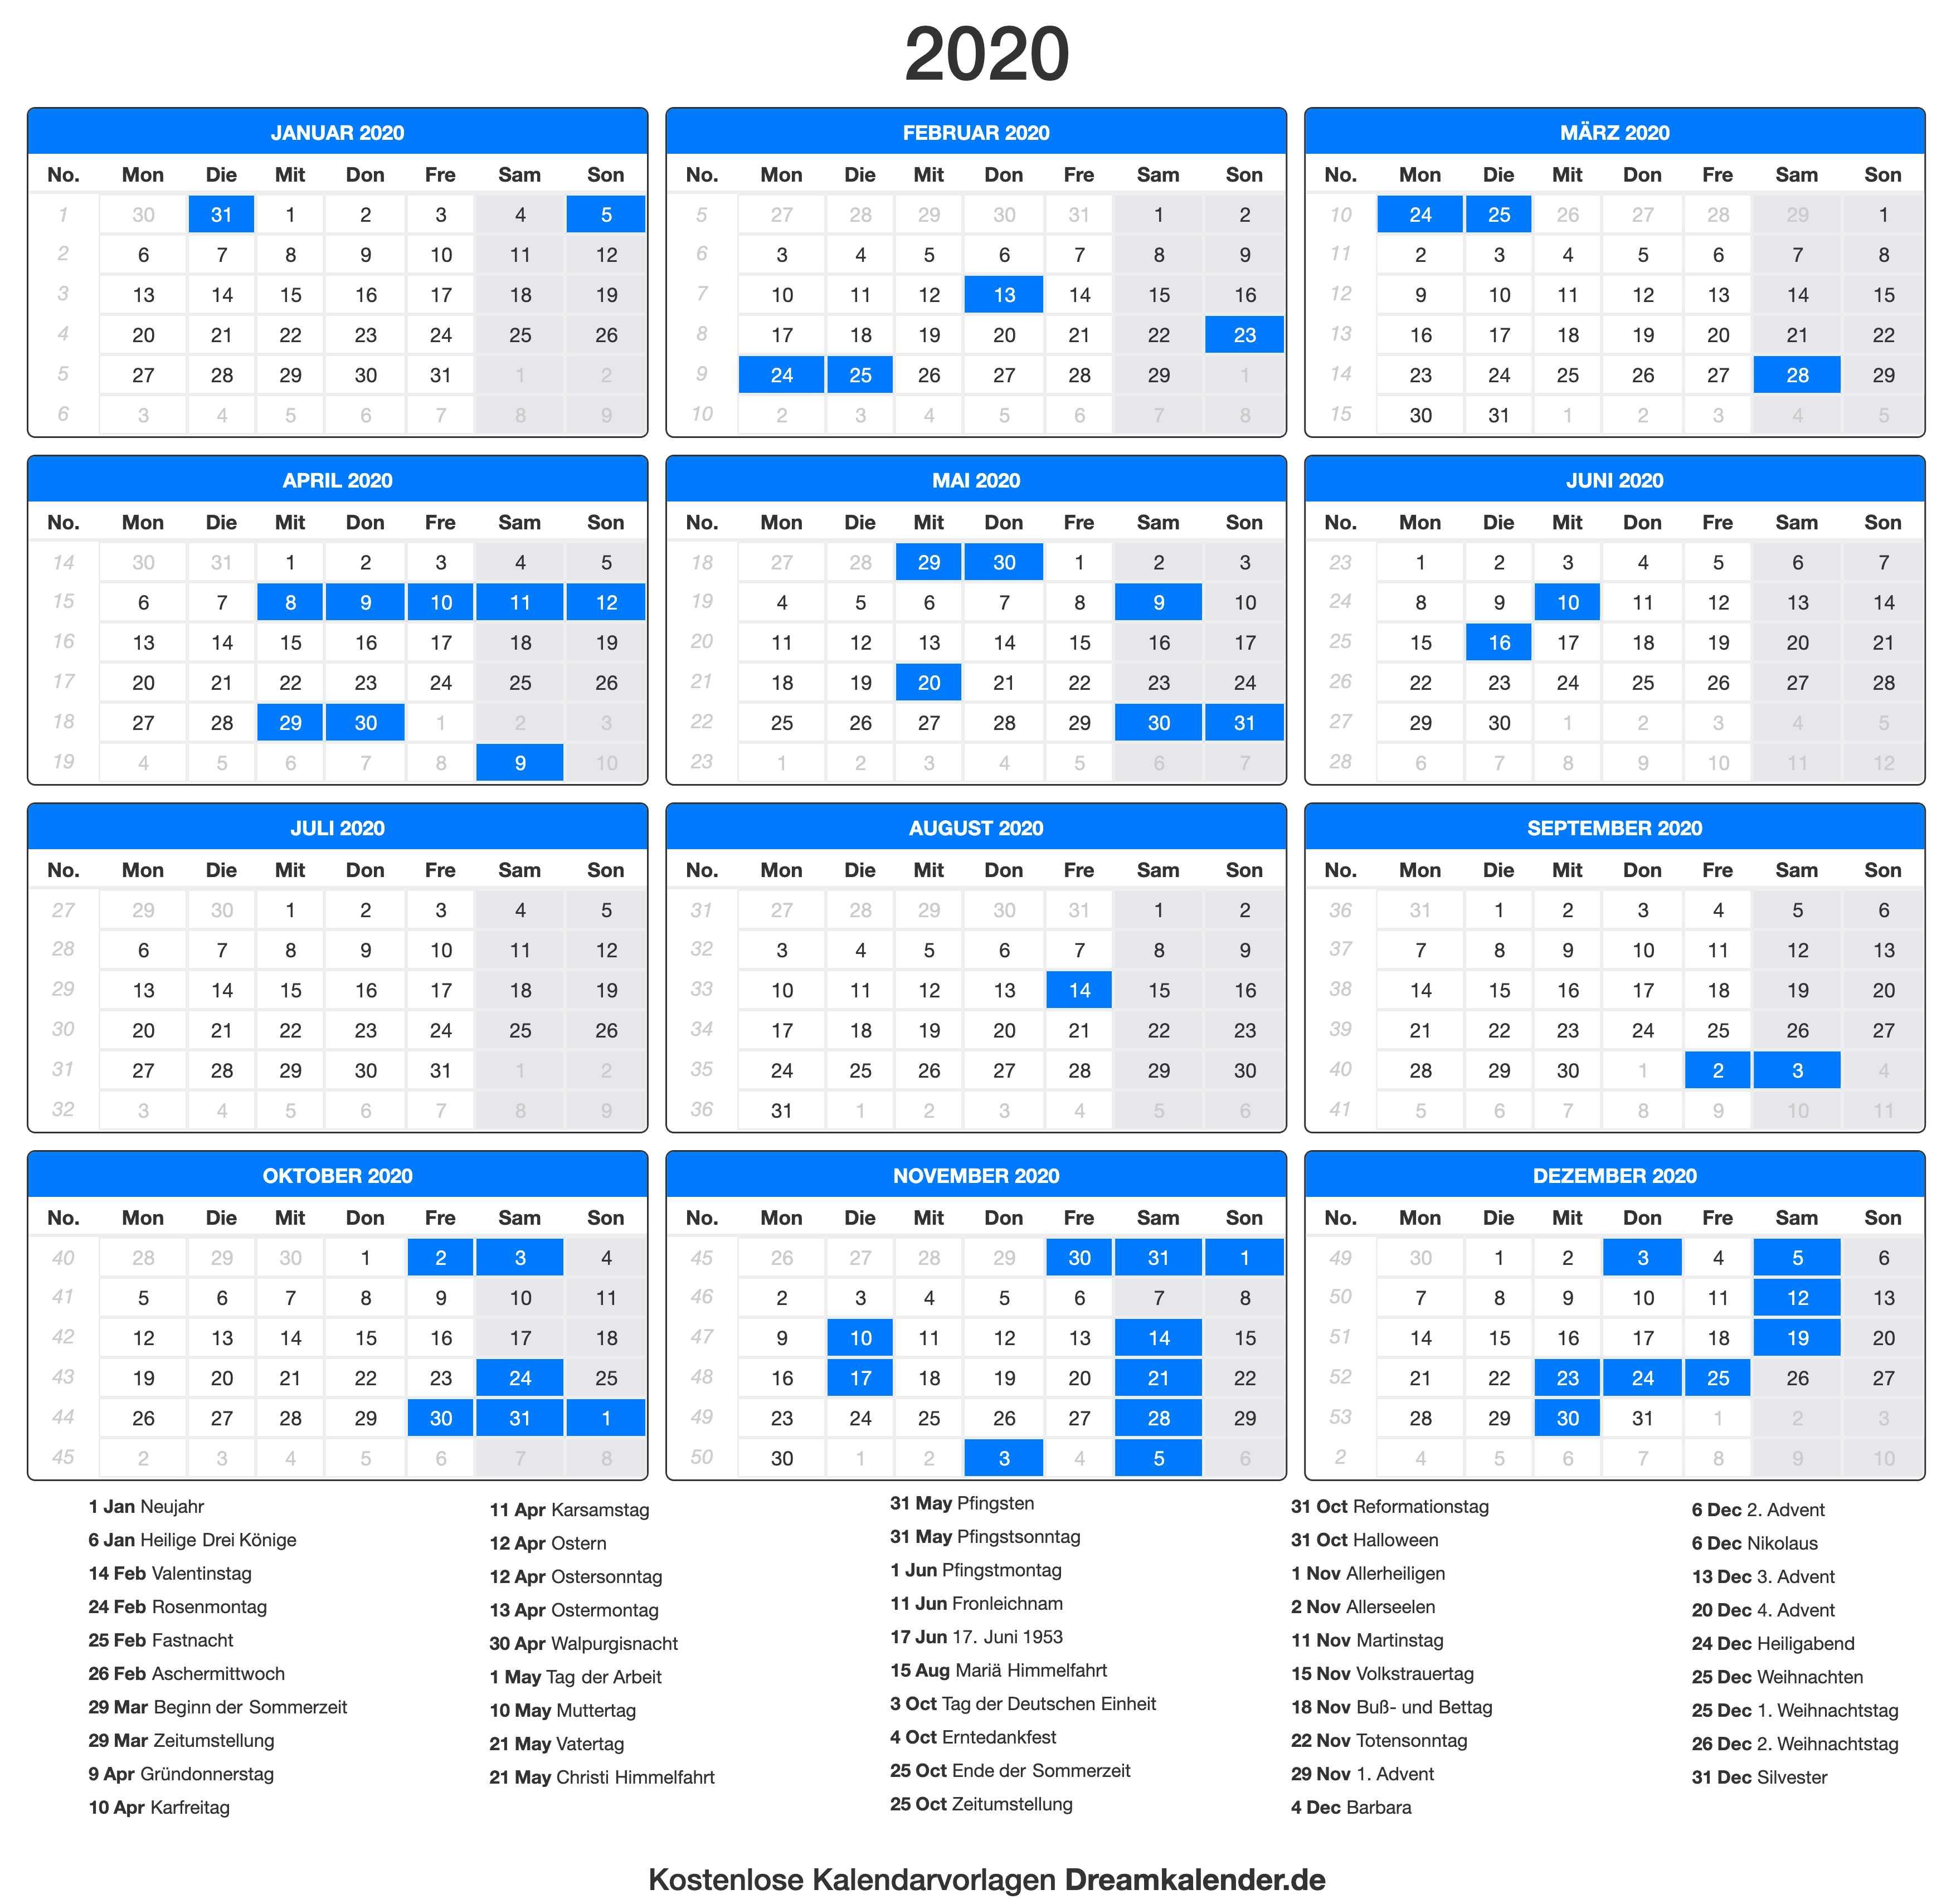 Kalenderübersicht 2020